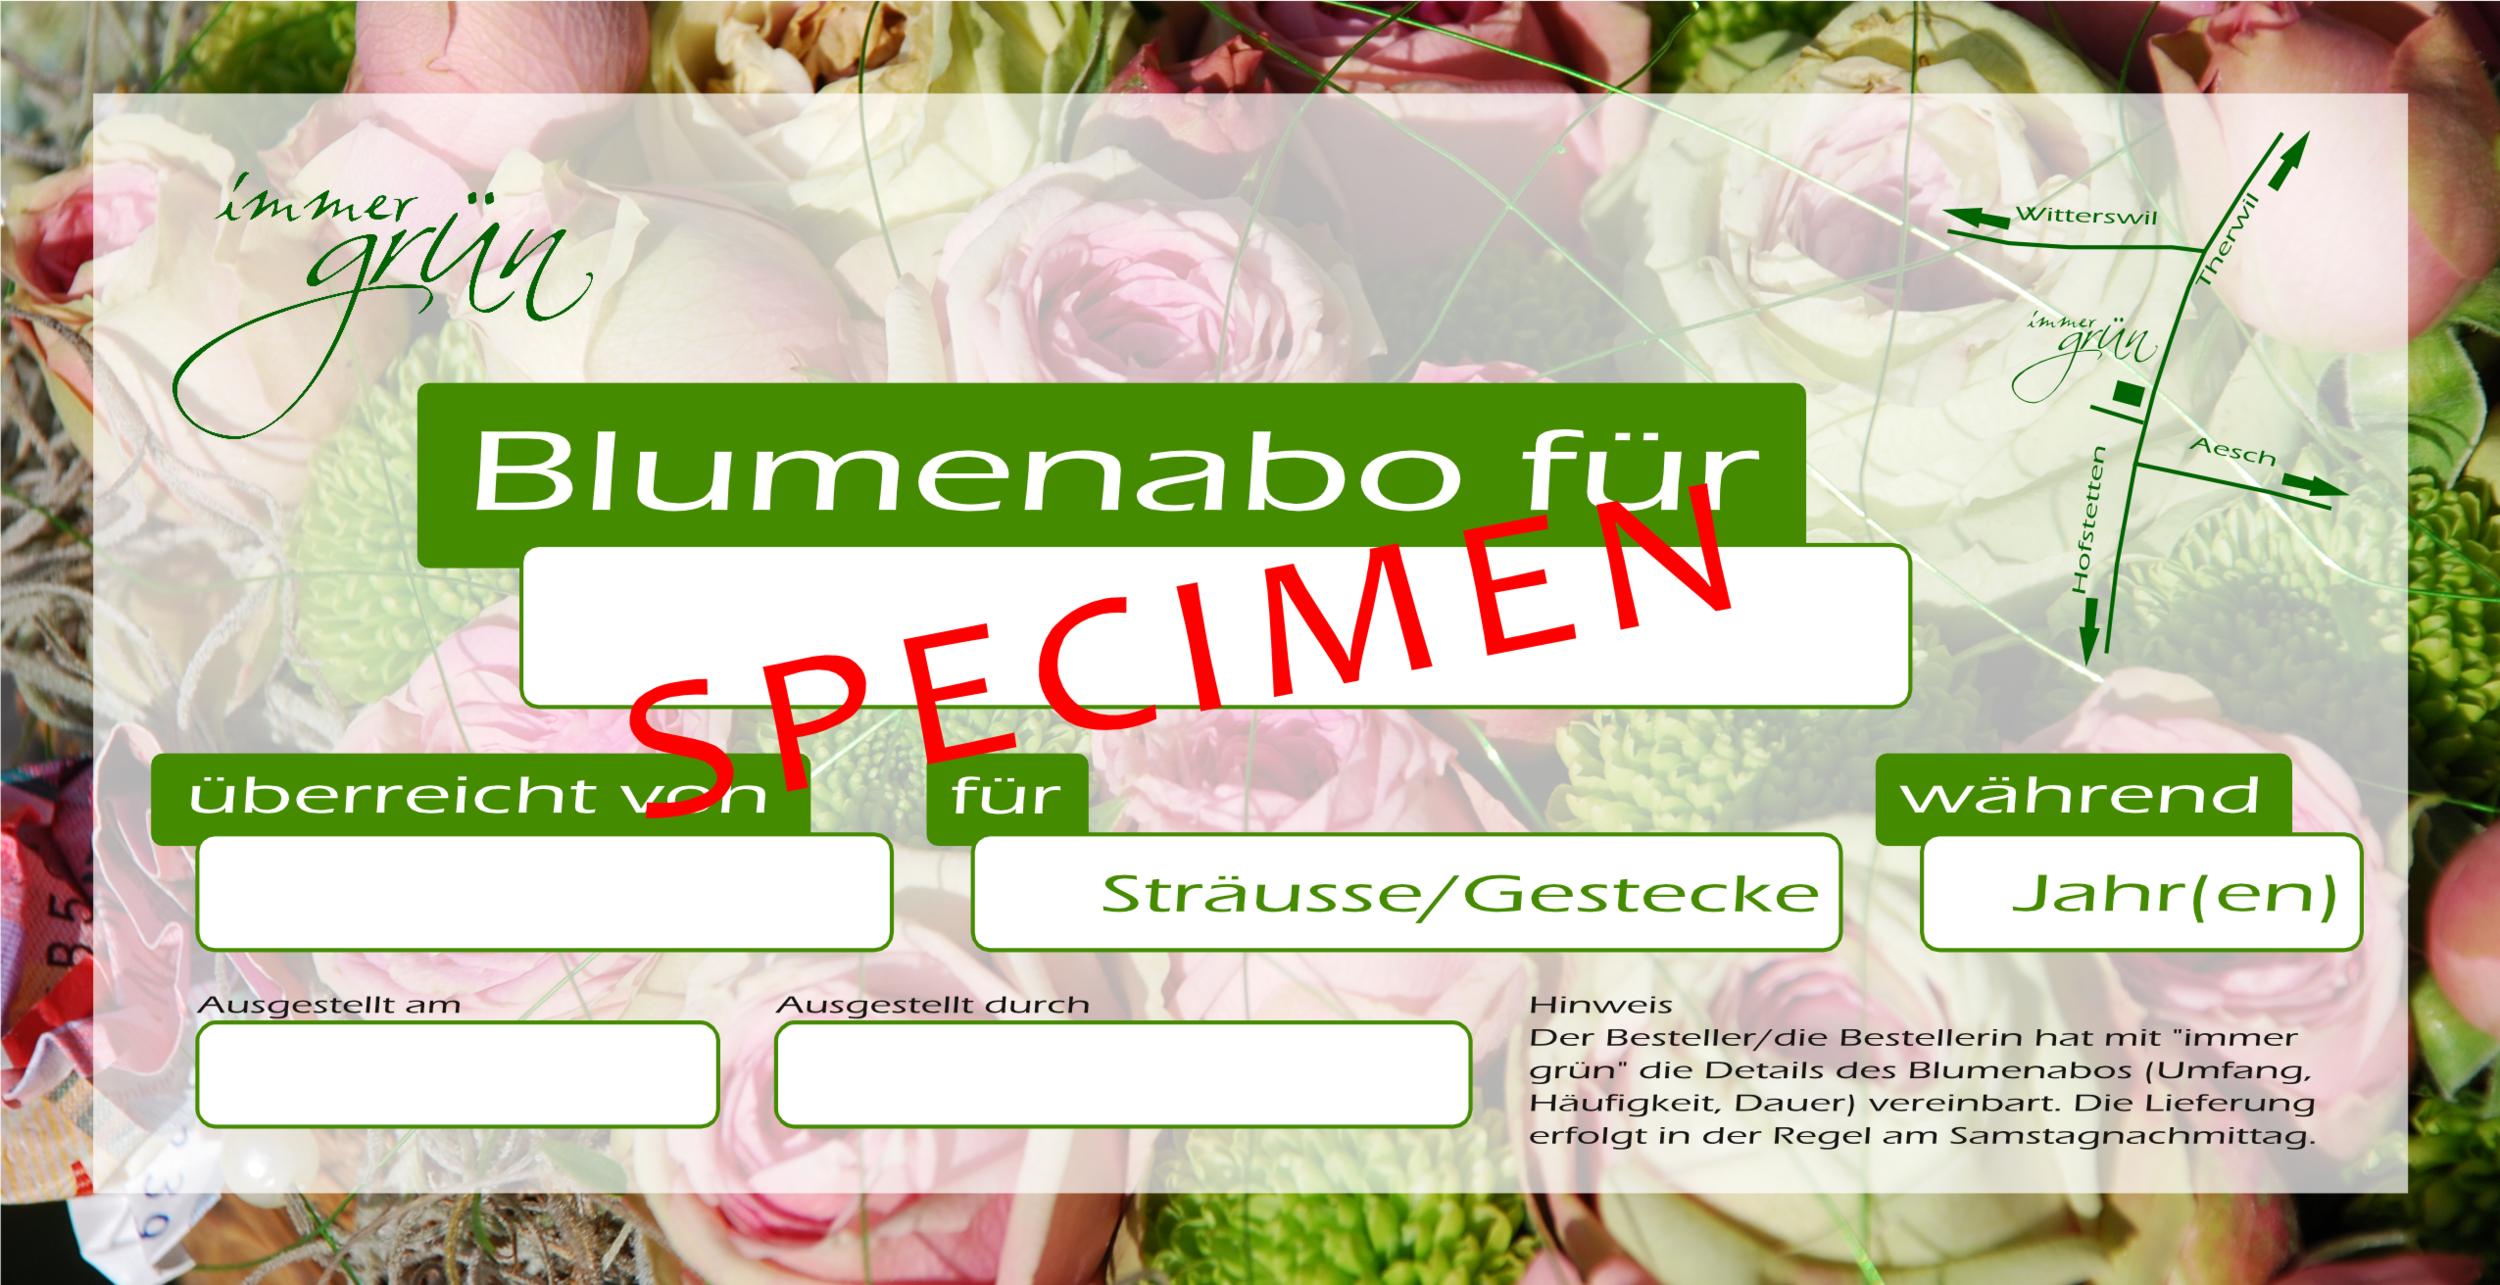 Blumenabo-Geschenkkarte